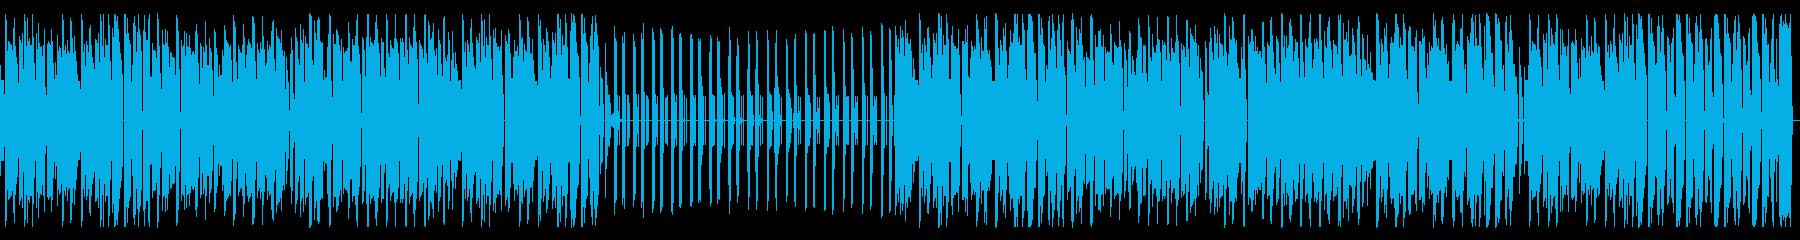 チップチューン・レトロ・スウィングジャズの再生済みの波形